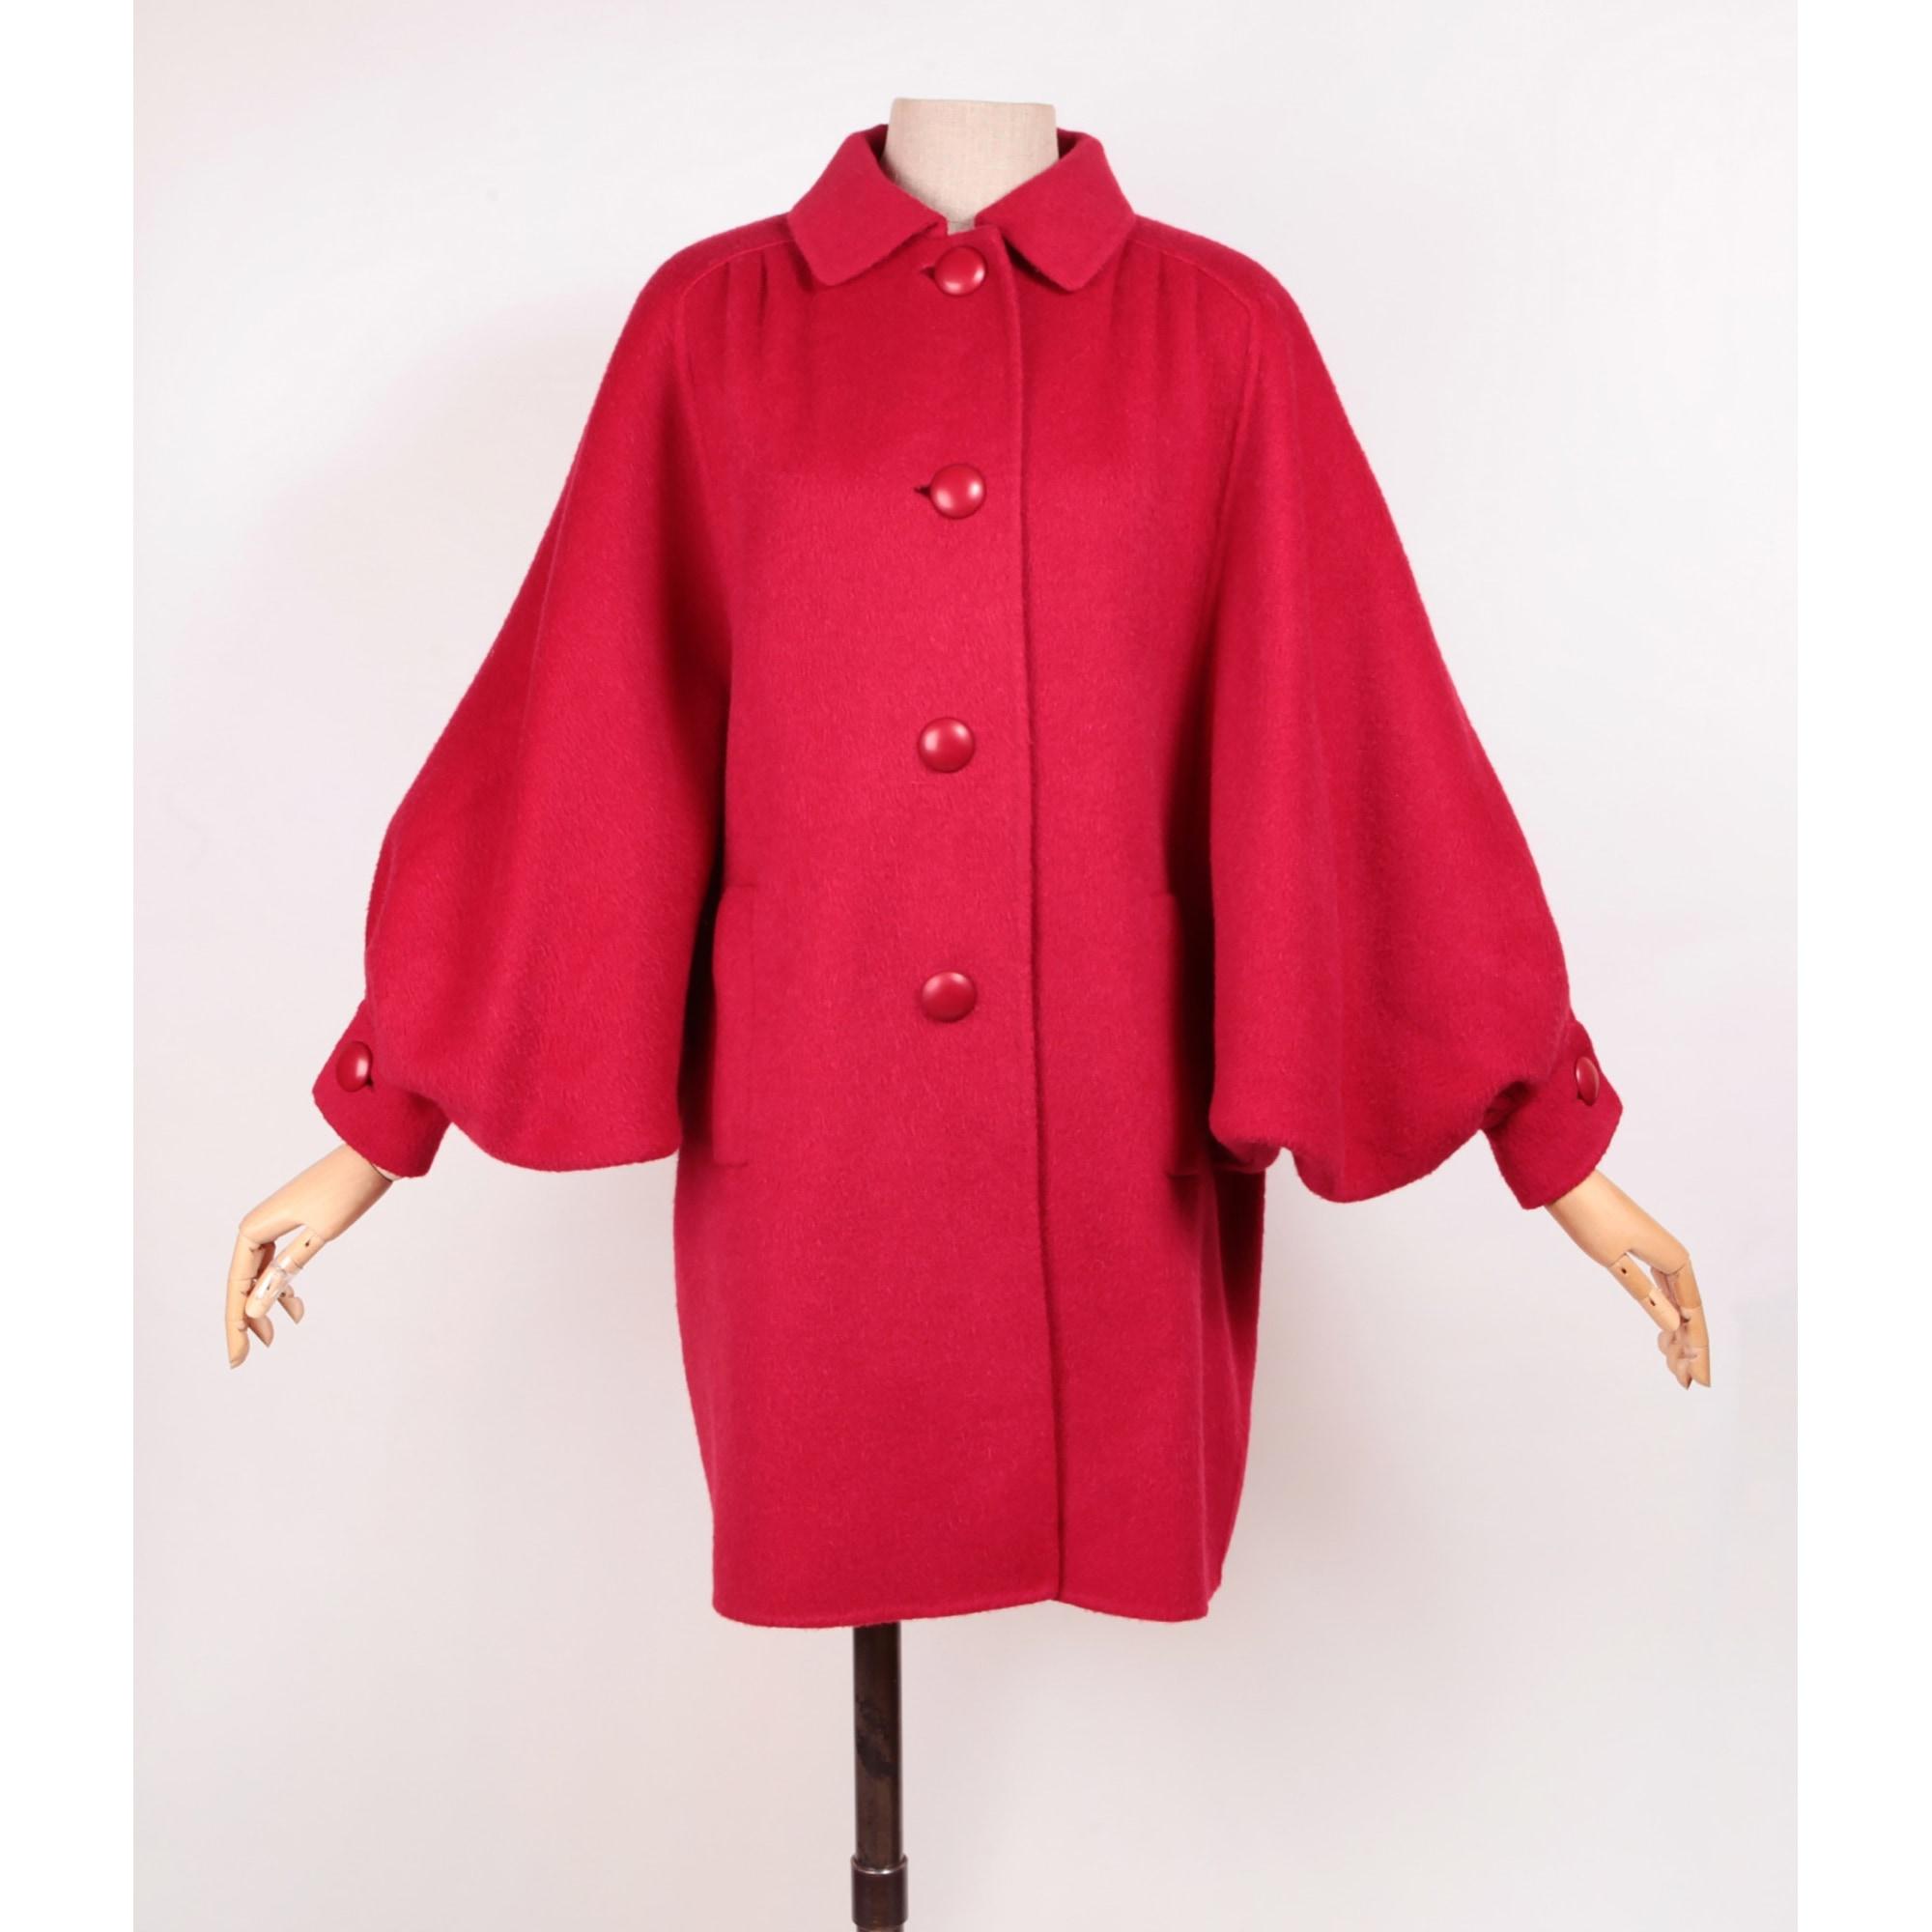 Manteau 100% VINTAGE Rouge, bordeaux